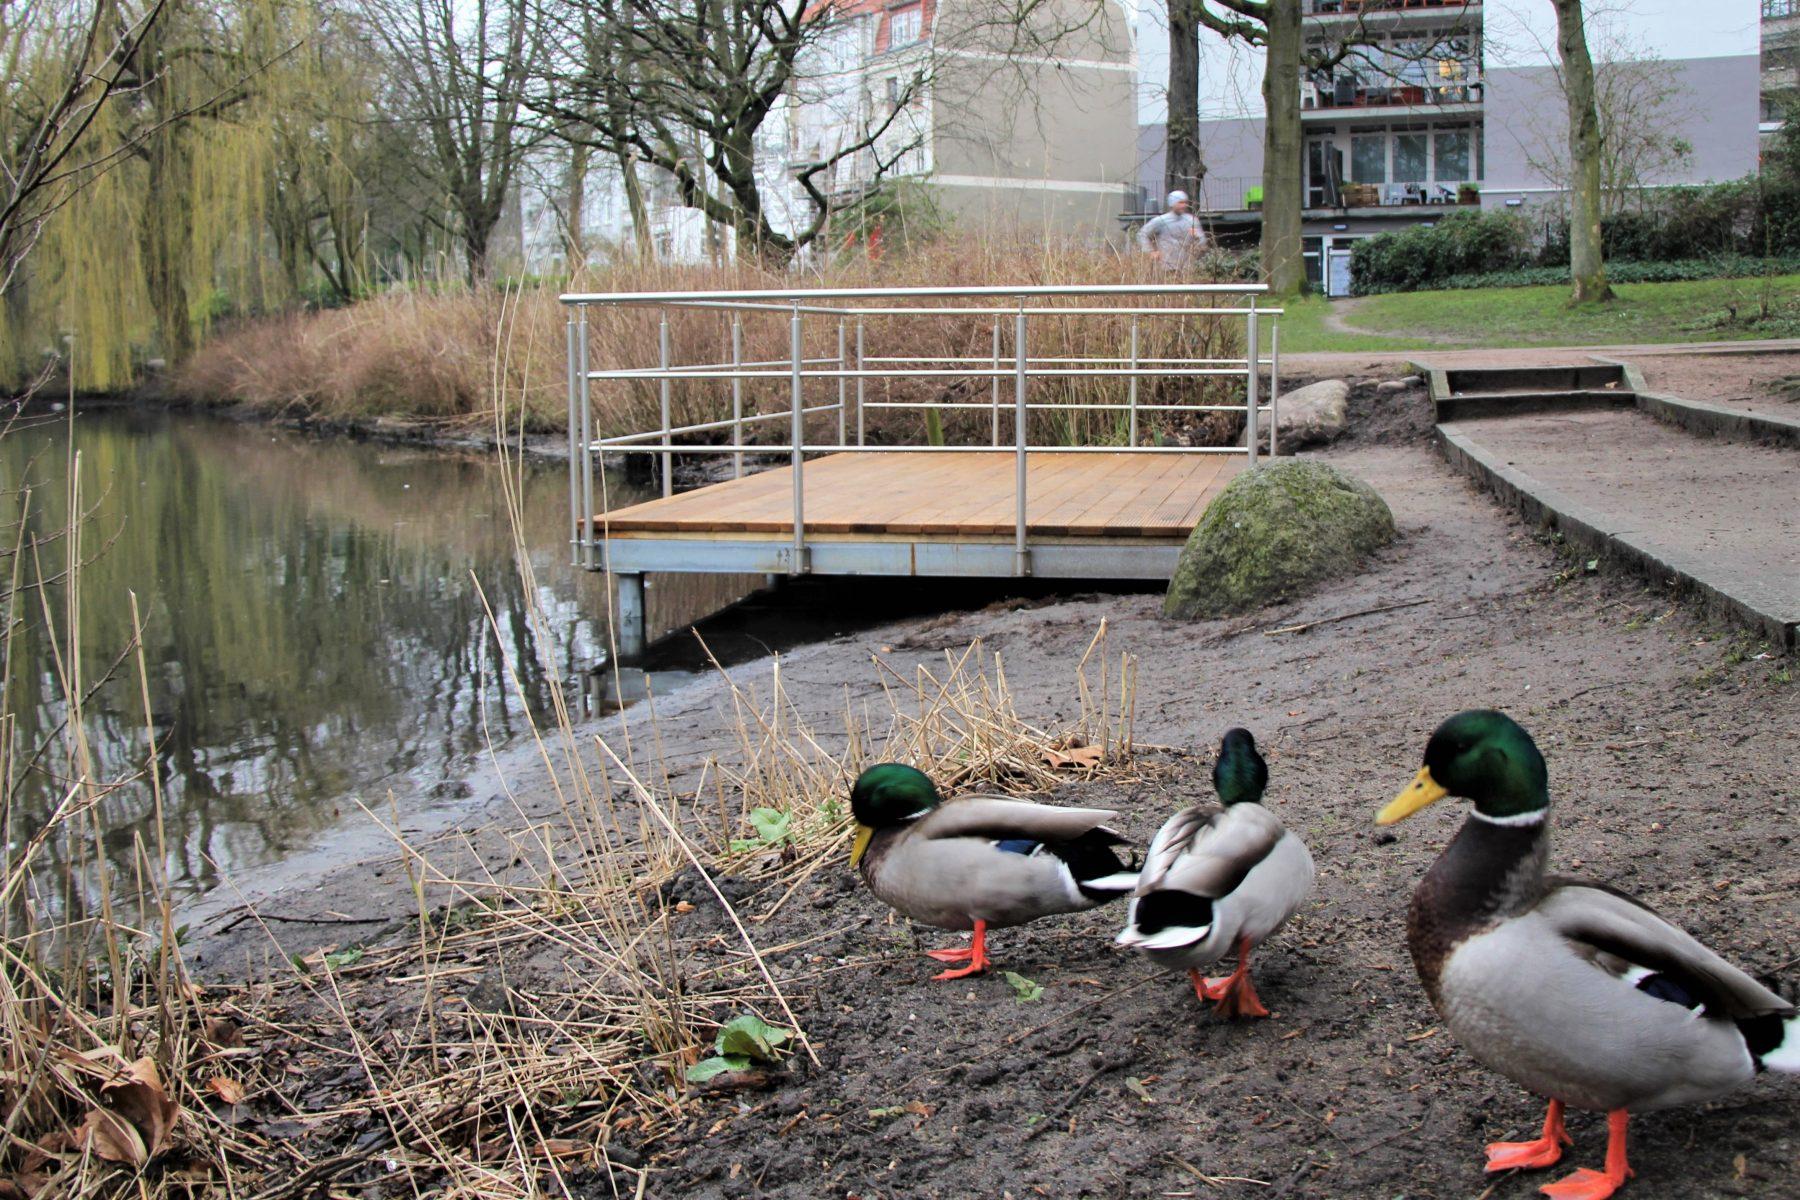 Der neue Steg am Weiher wird von den Enten begutachtet. Foto: Marianne Bruhns